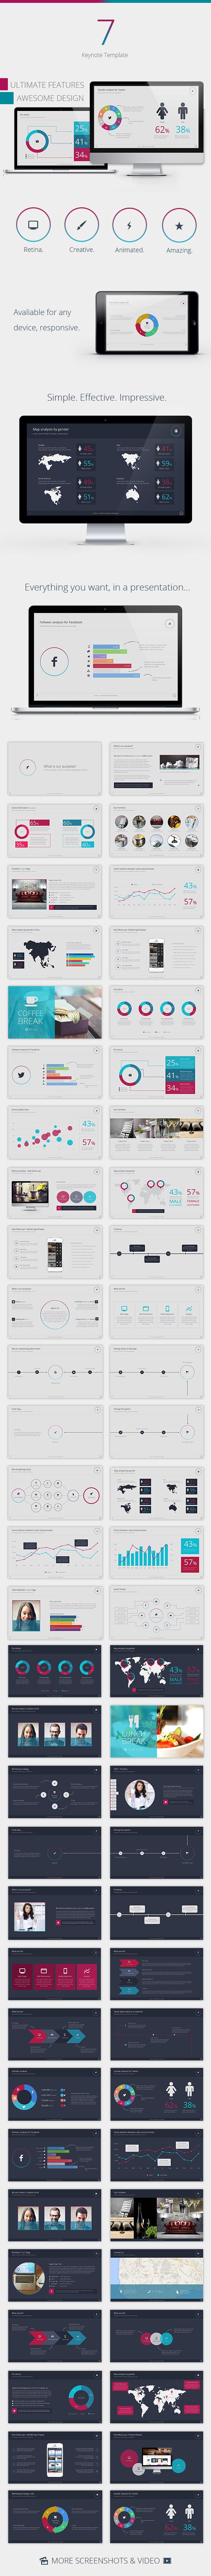 Se7en Keynote Template by VigitalArt | GraphicRiver